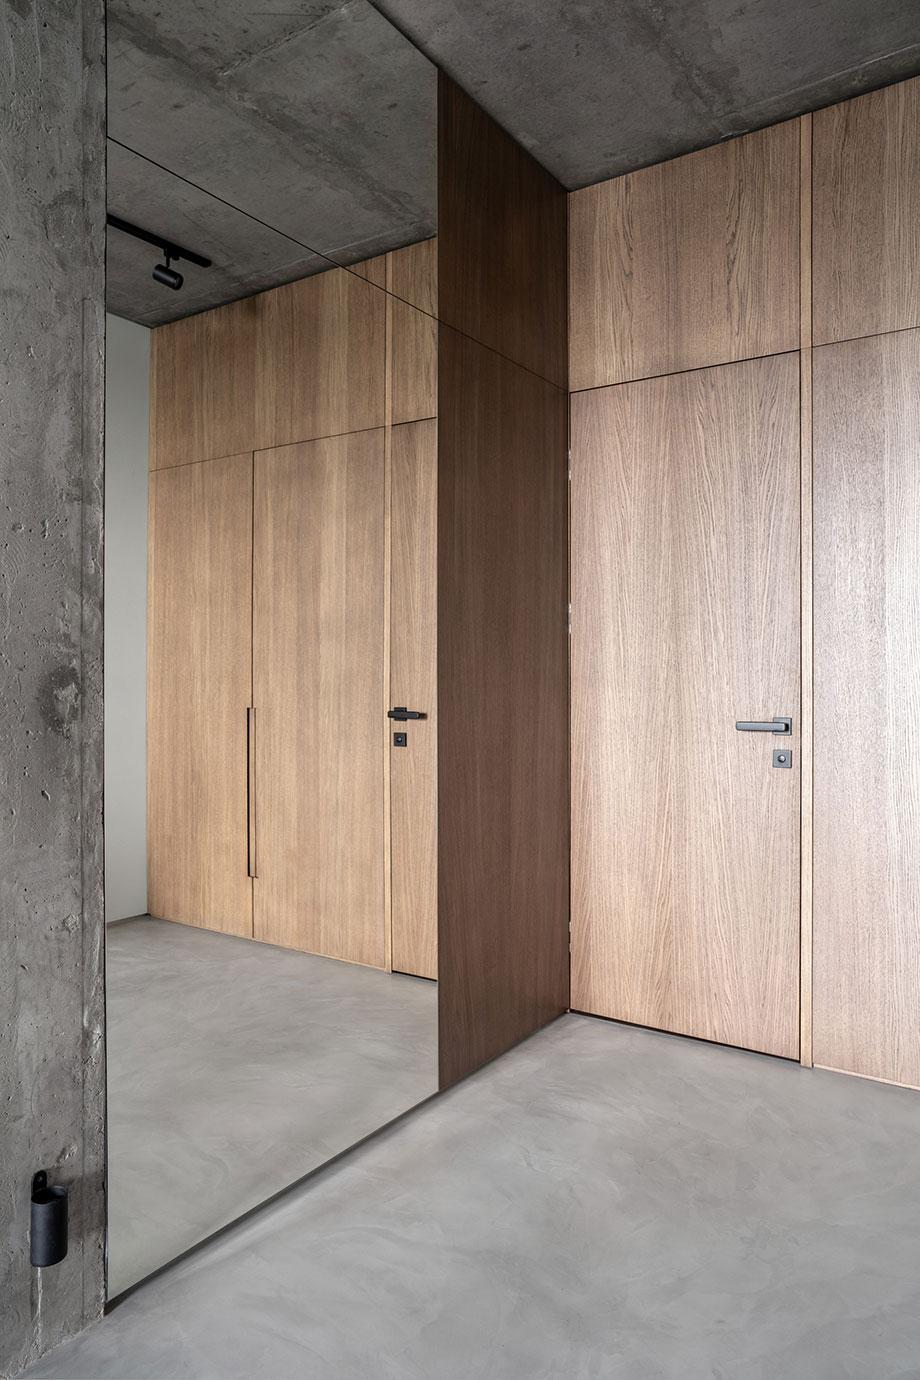 apartamento en kiev de fild (5) - foto andrey bezuglov